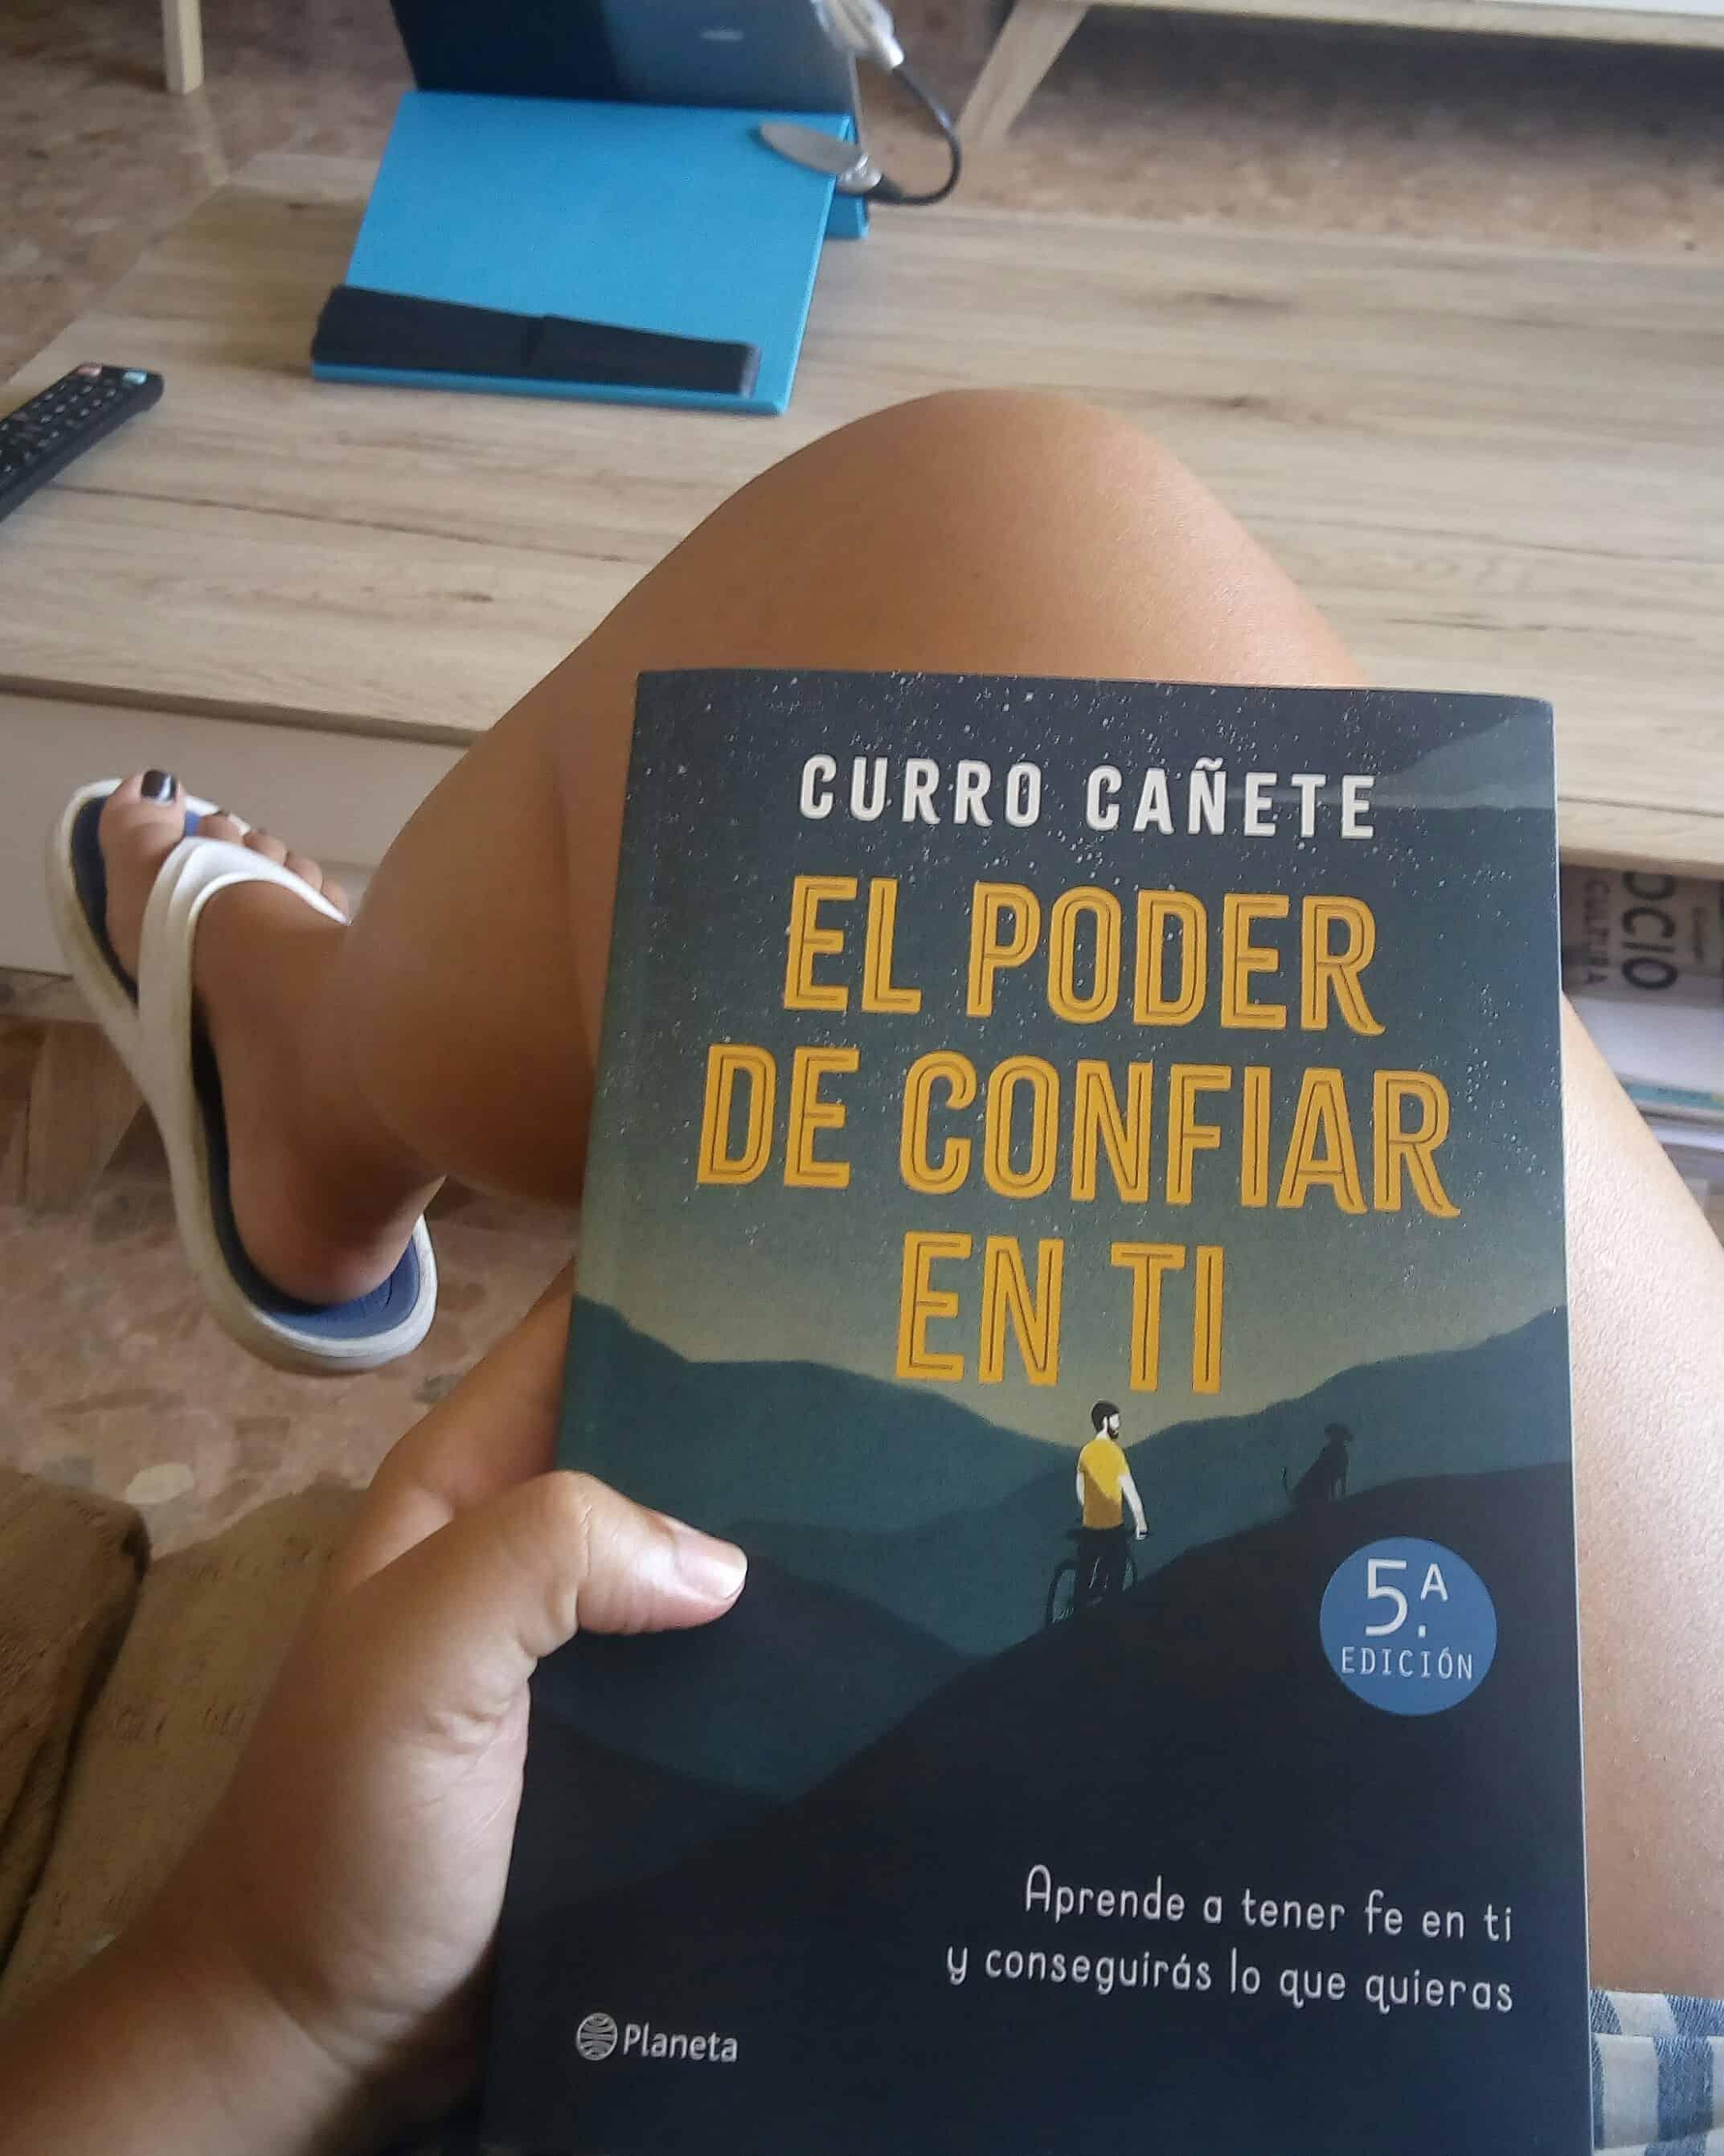 EL PODER DE CONFIAR EN TI, de Curro Cañete.